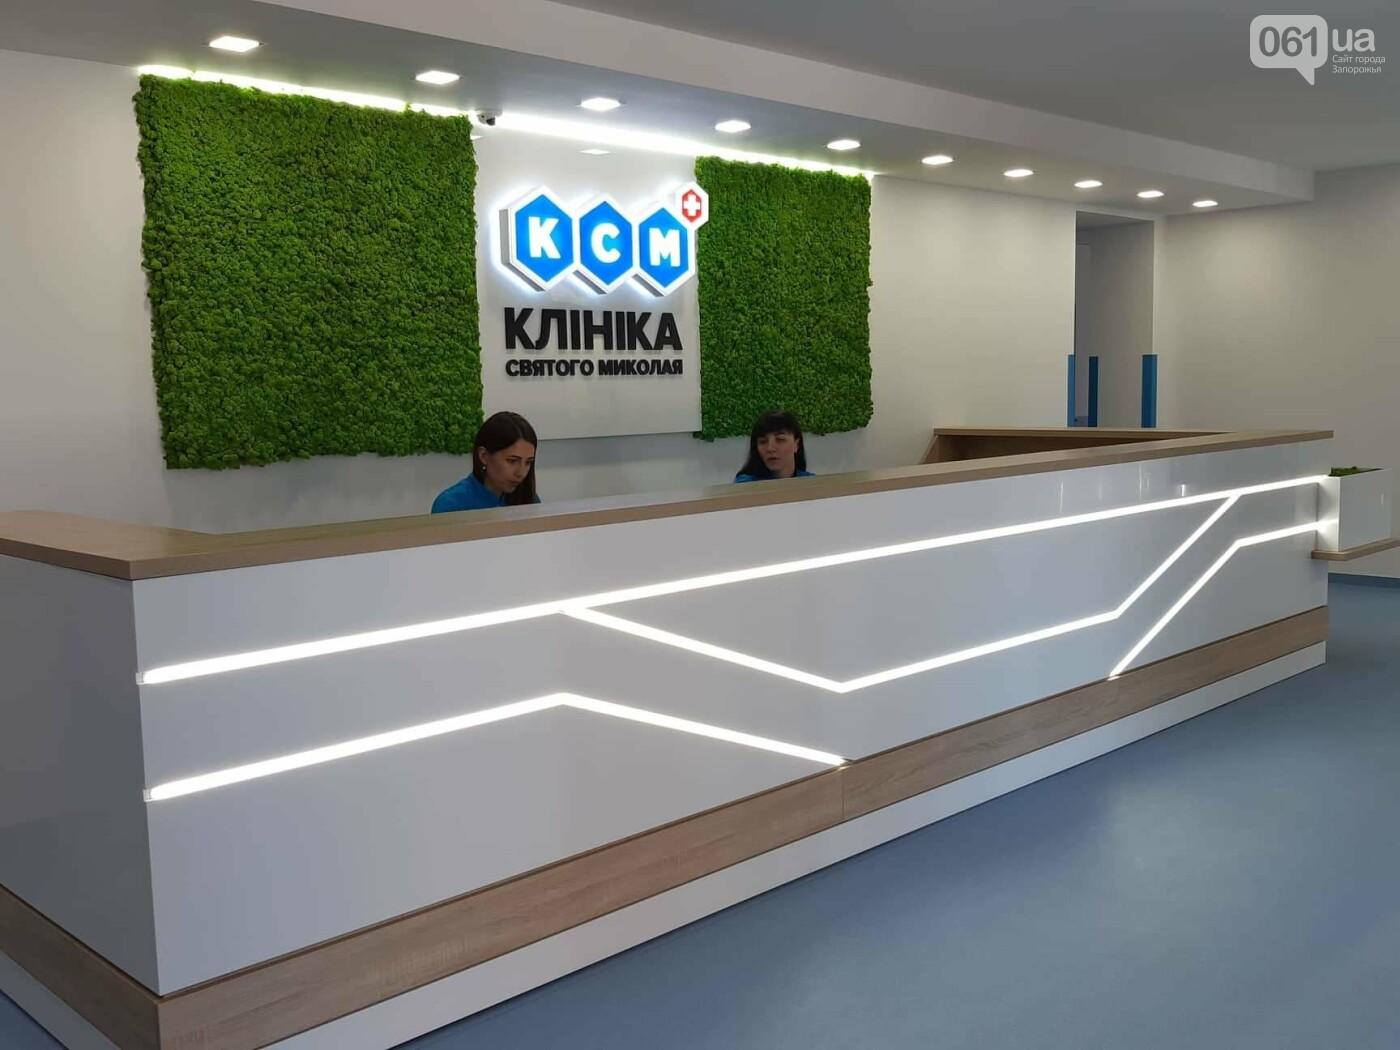 В Запорожье на месте заброшенного долгостроя построили частную клинику: как она выглядит и что будет внутри, - ФОТОРЕПОРТАЖ, фото-4